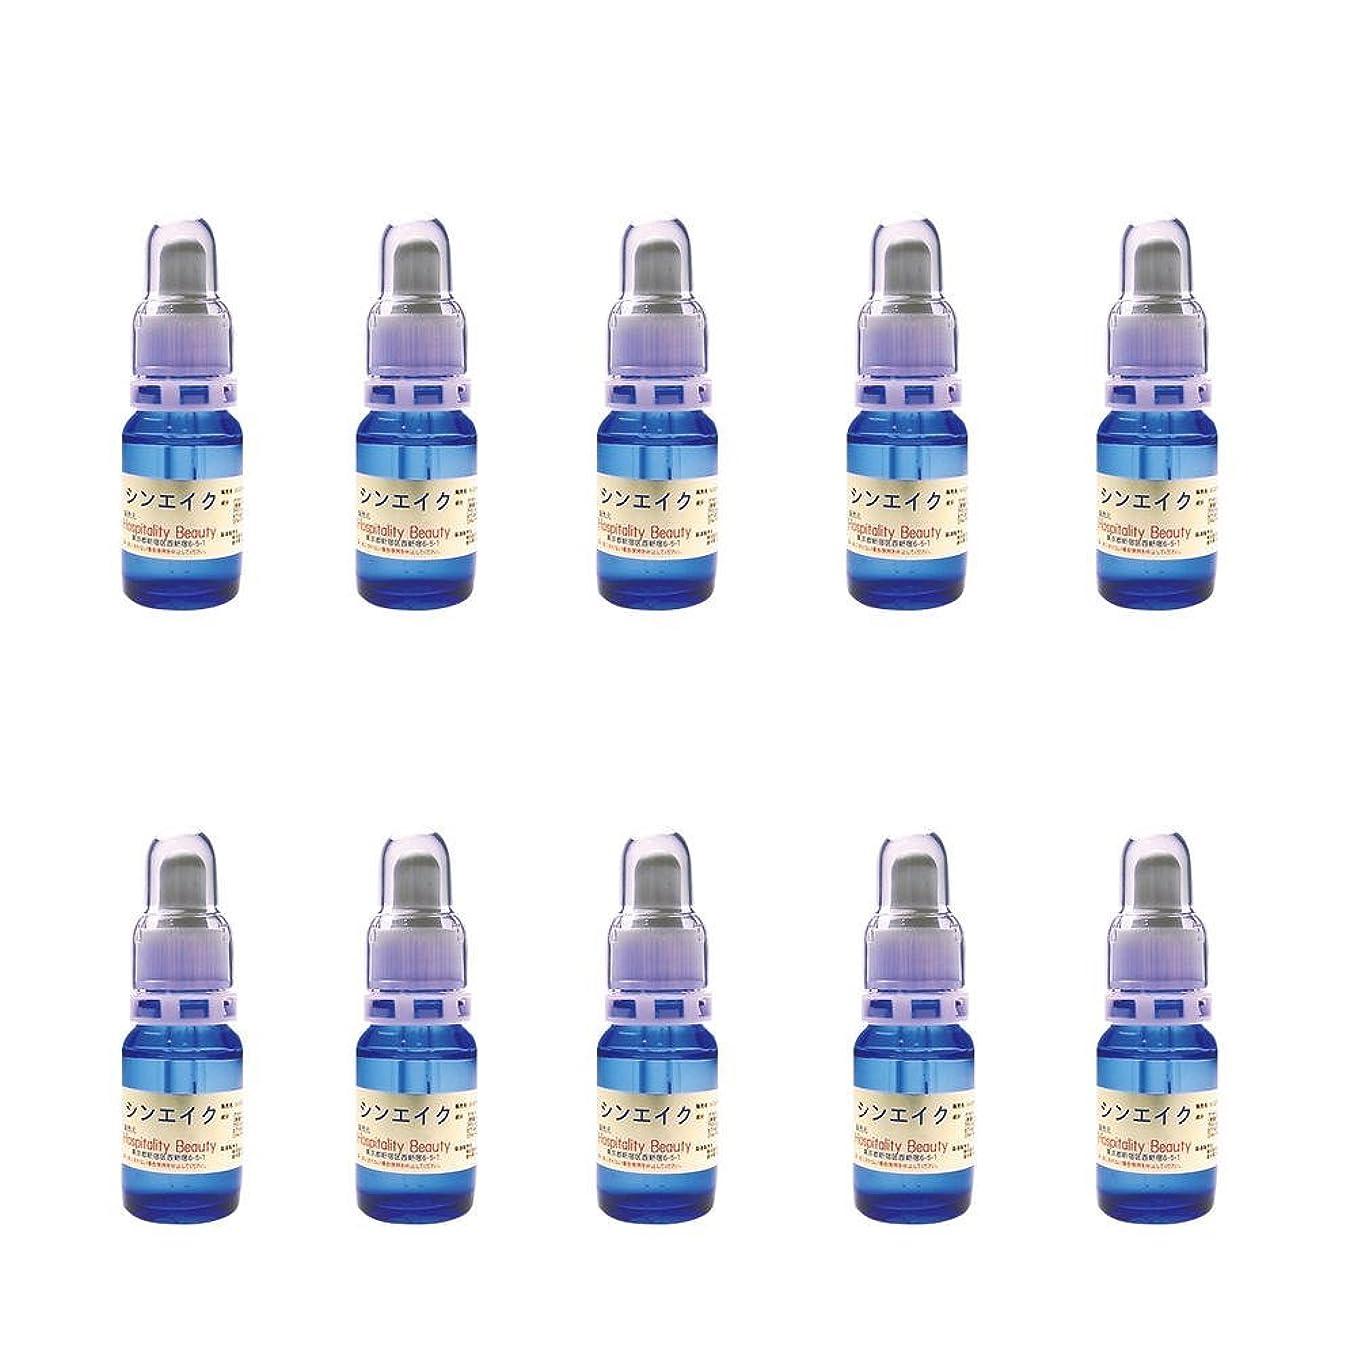 フライカイトパンダシプリーHospitality Beauty シンエイク原液 100mL (SYN-AKE 美容液 10,000mL 製造)